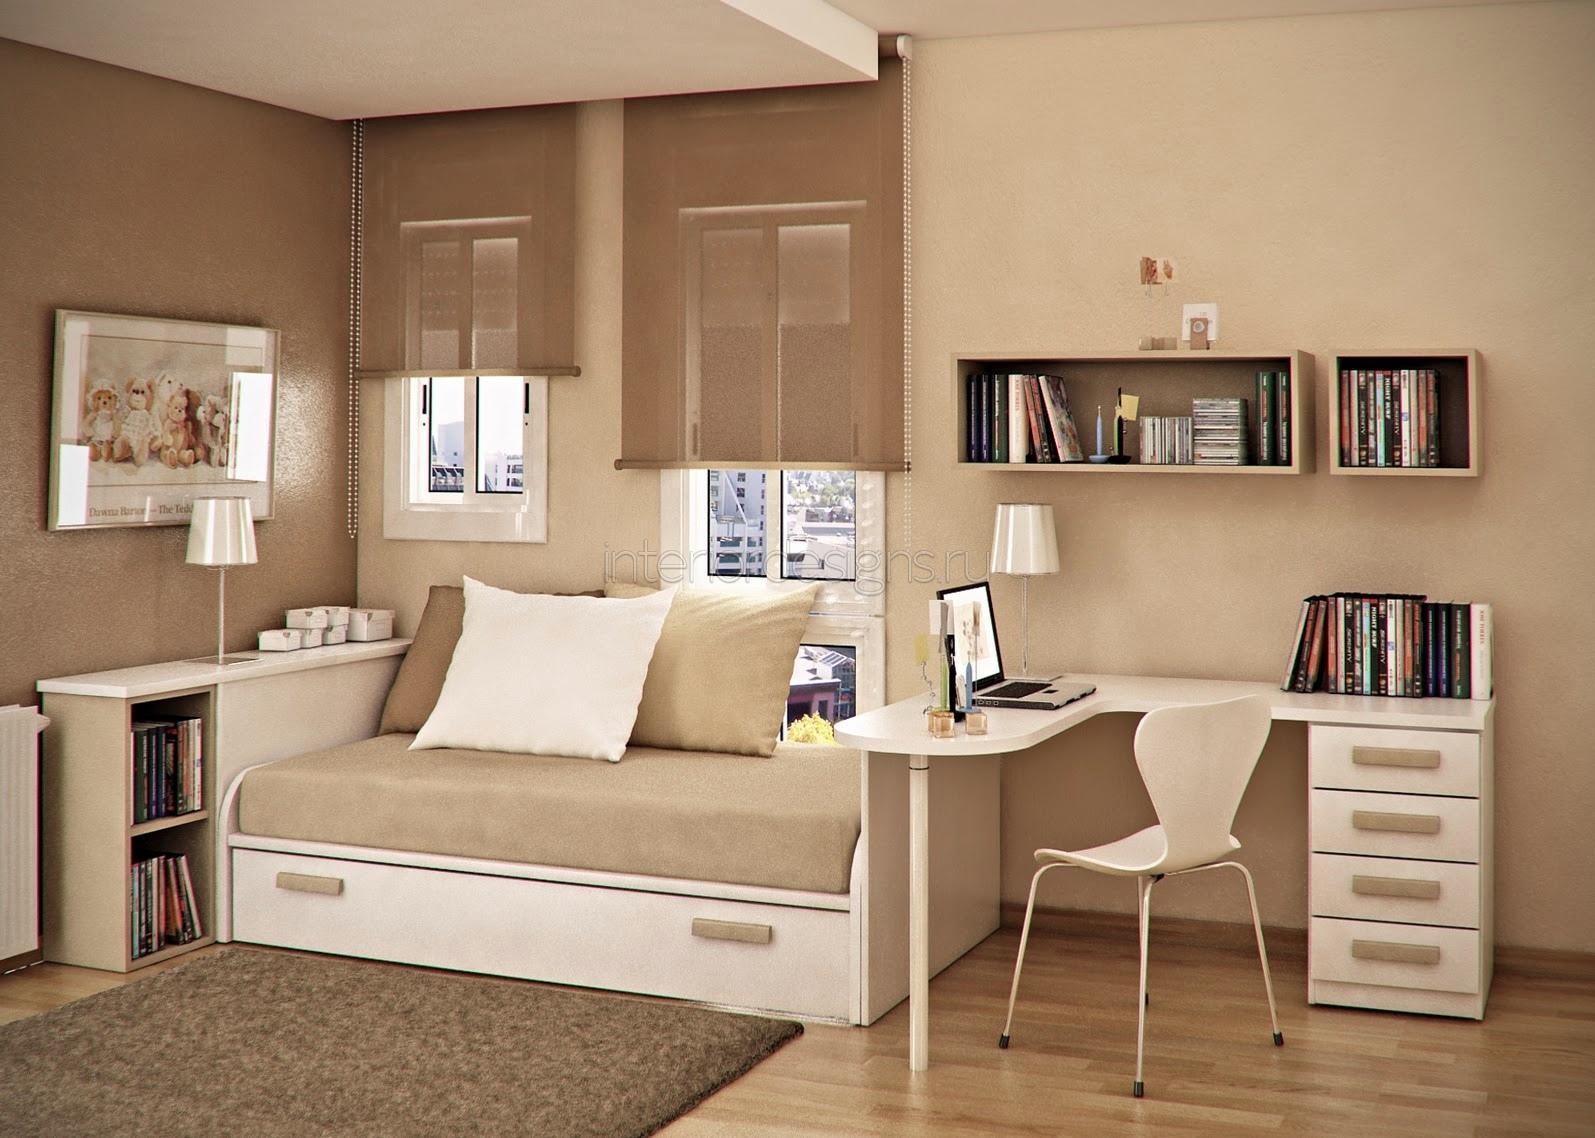 Обустраиваем небольшую комнату для комфортной жизни